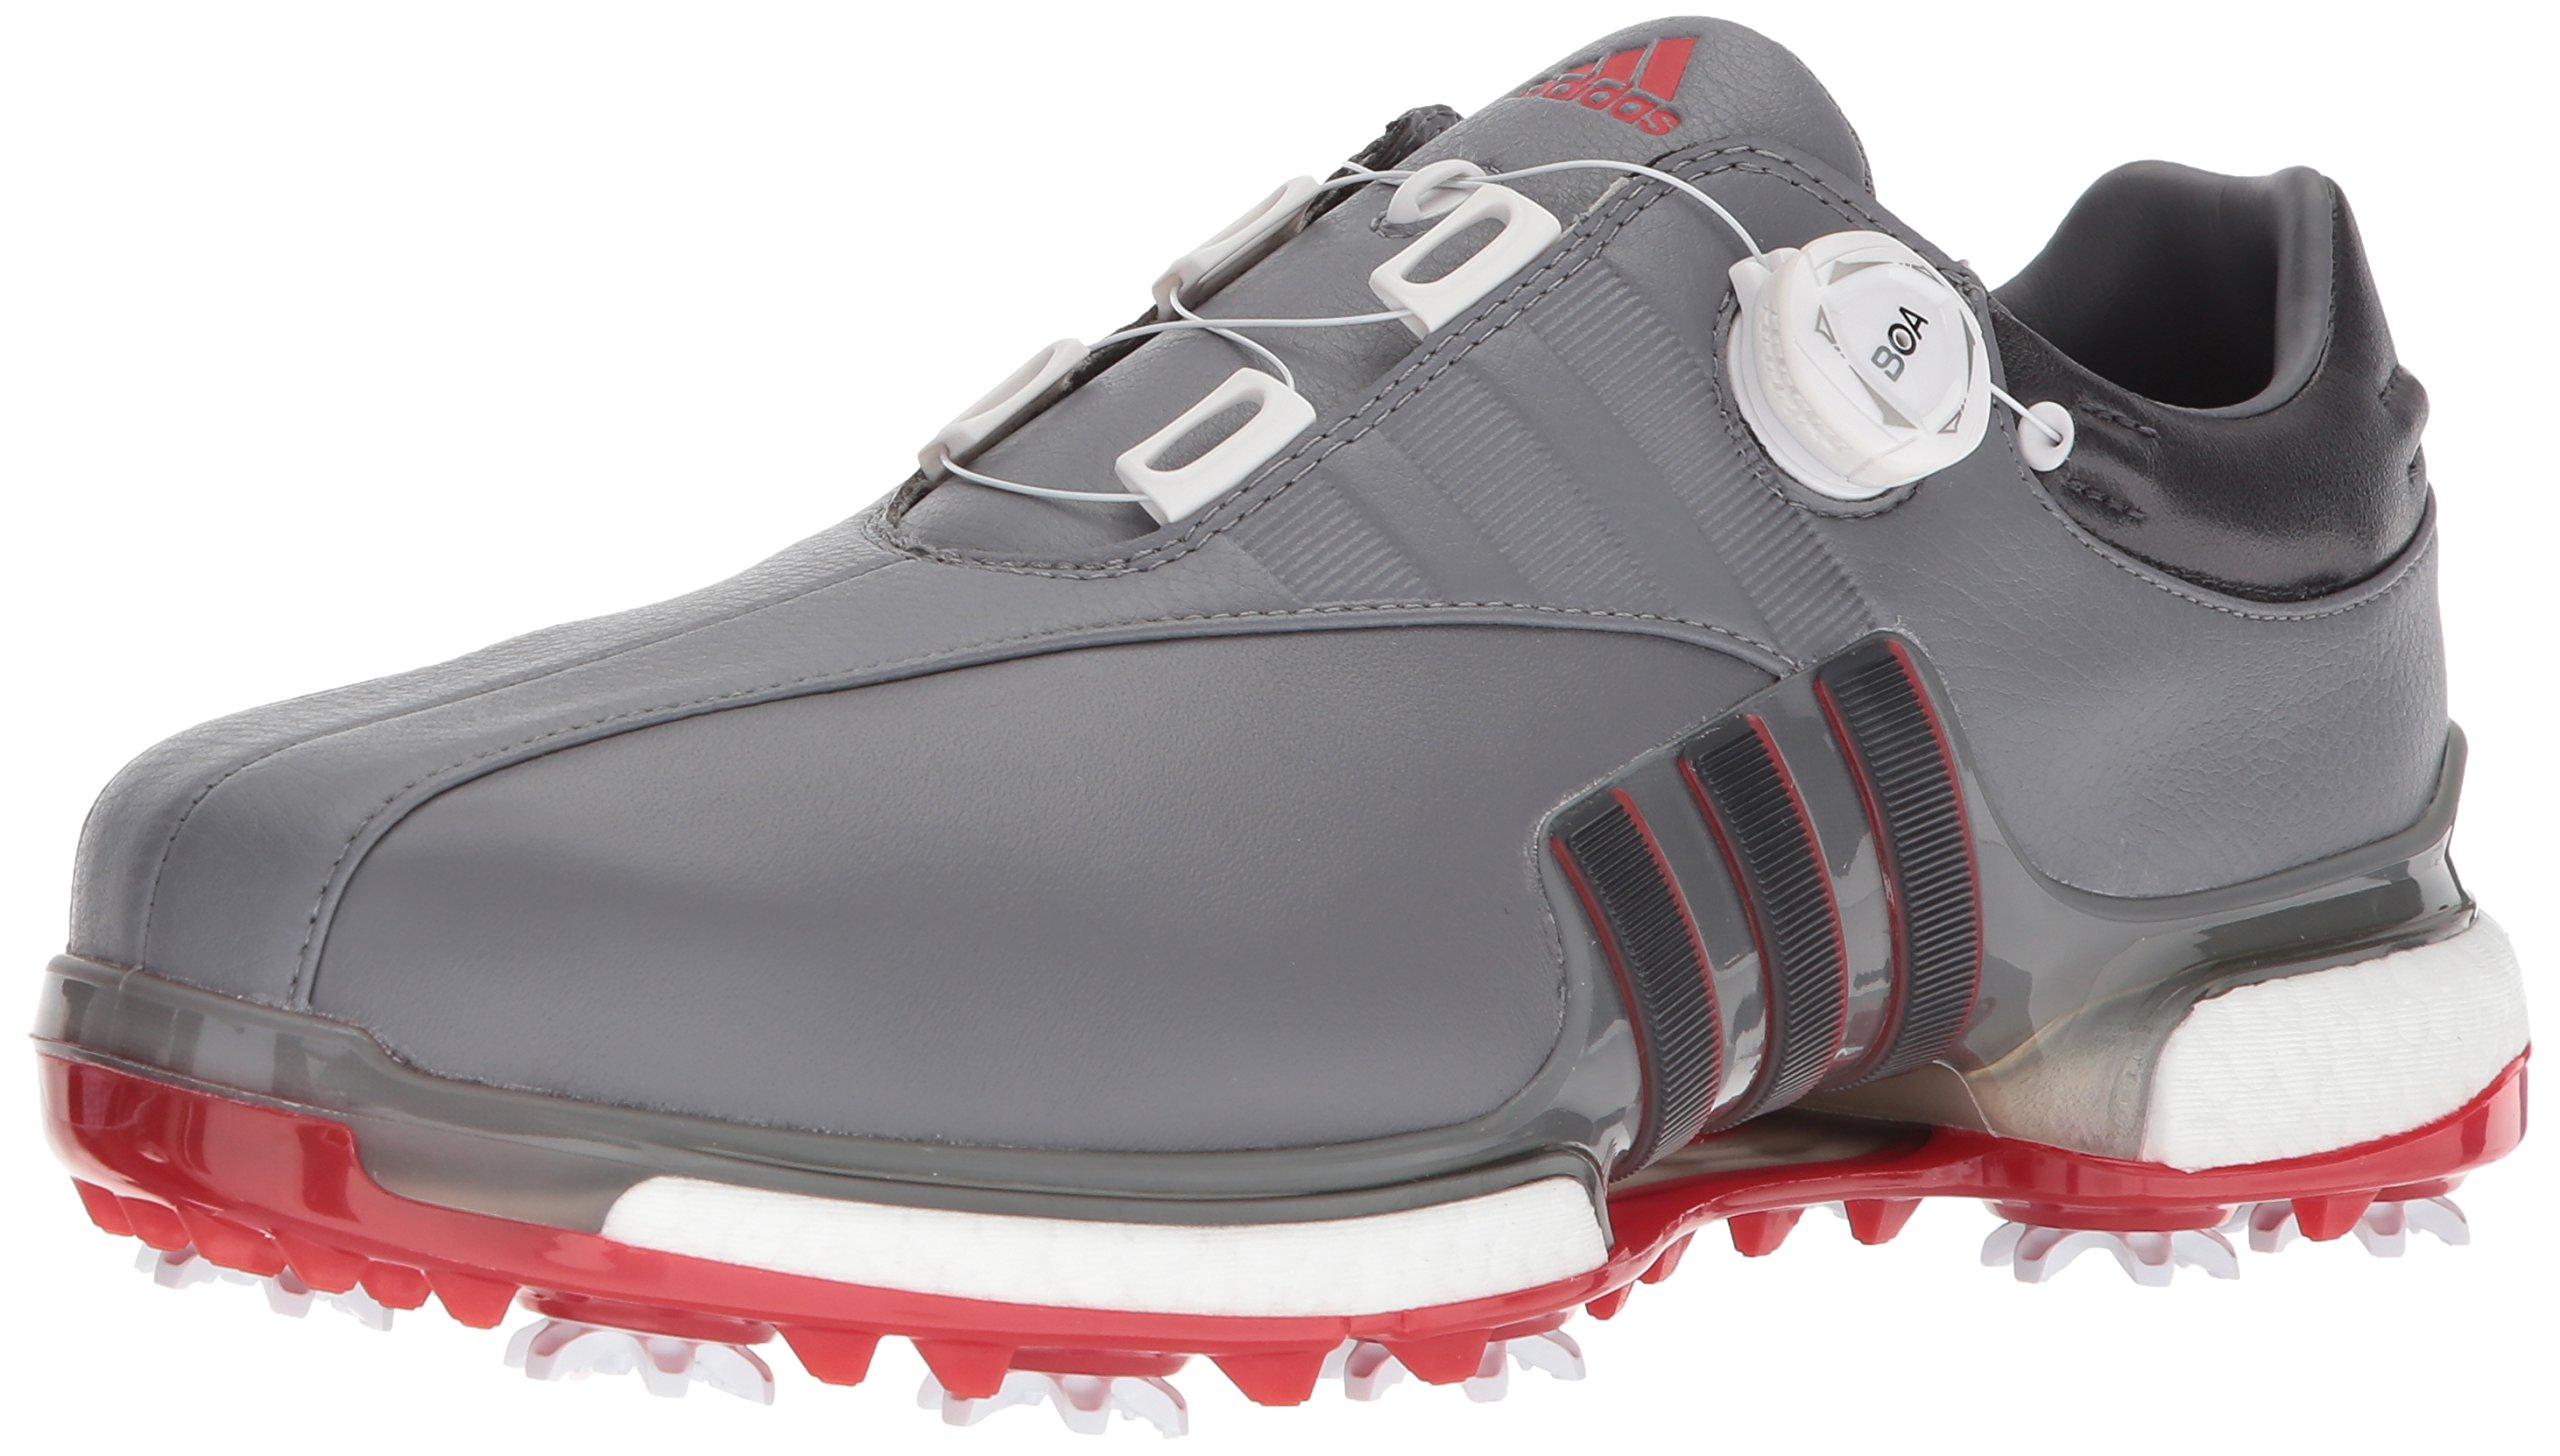 sale retailer d4ea0 6601c adidas Men's TOUR360 EQT Boa Golf Shoe, Grey Four/Utility Black/Scarlet,  11.5 Medium US